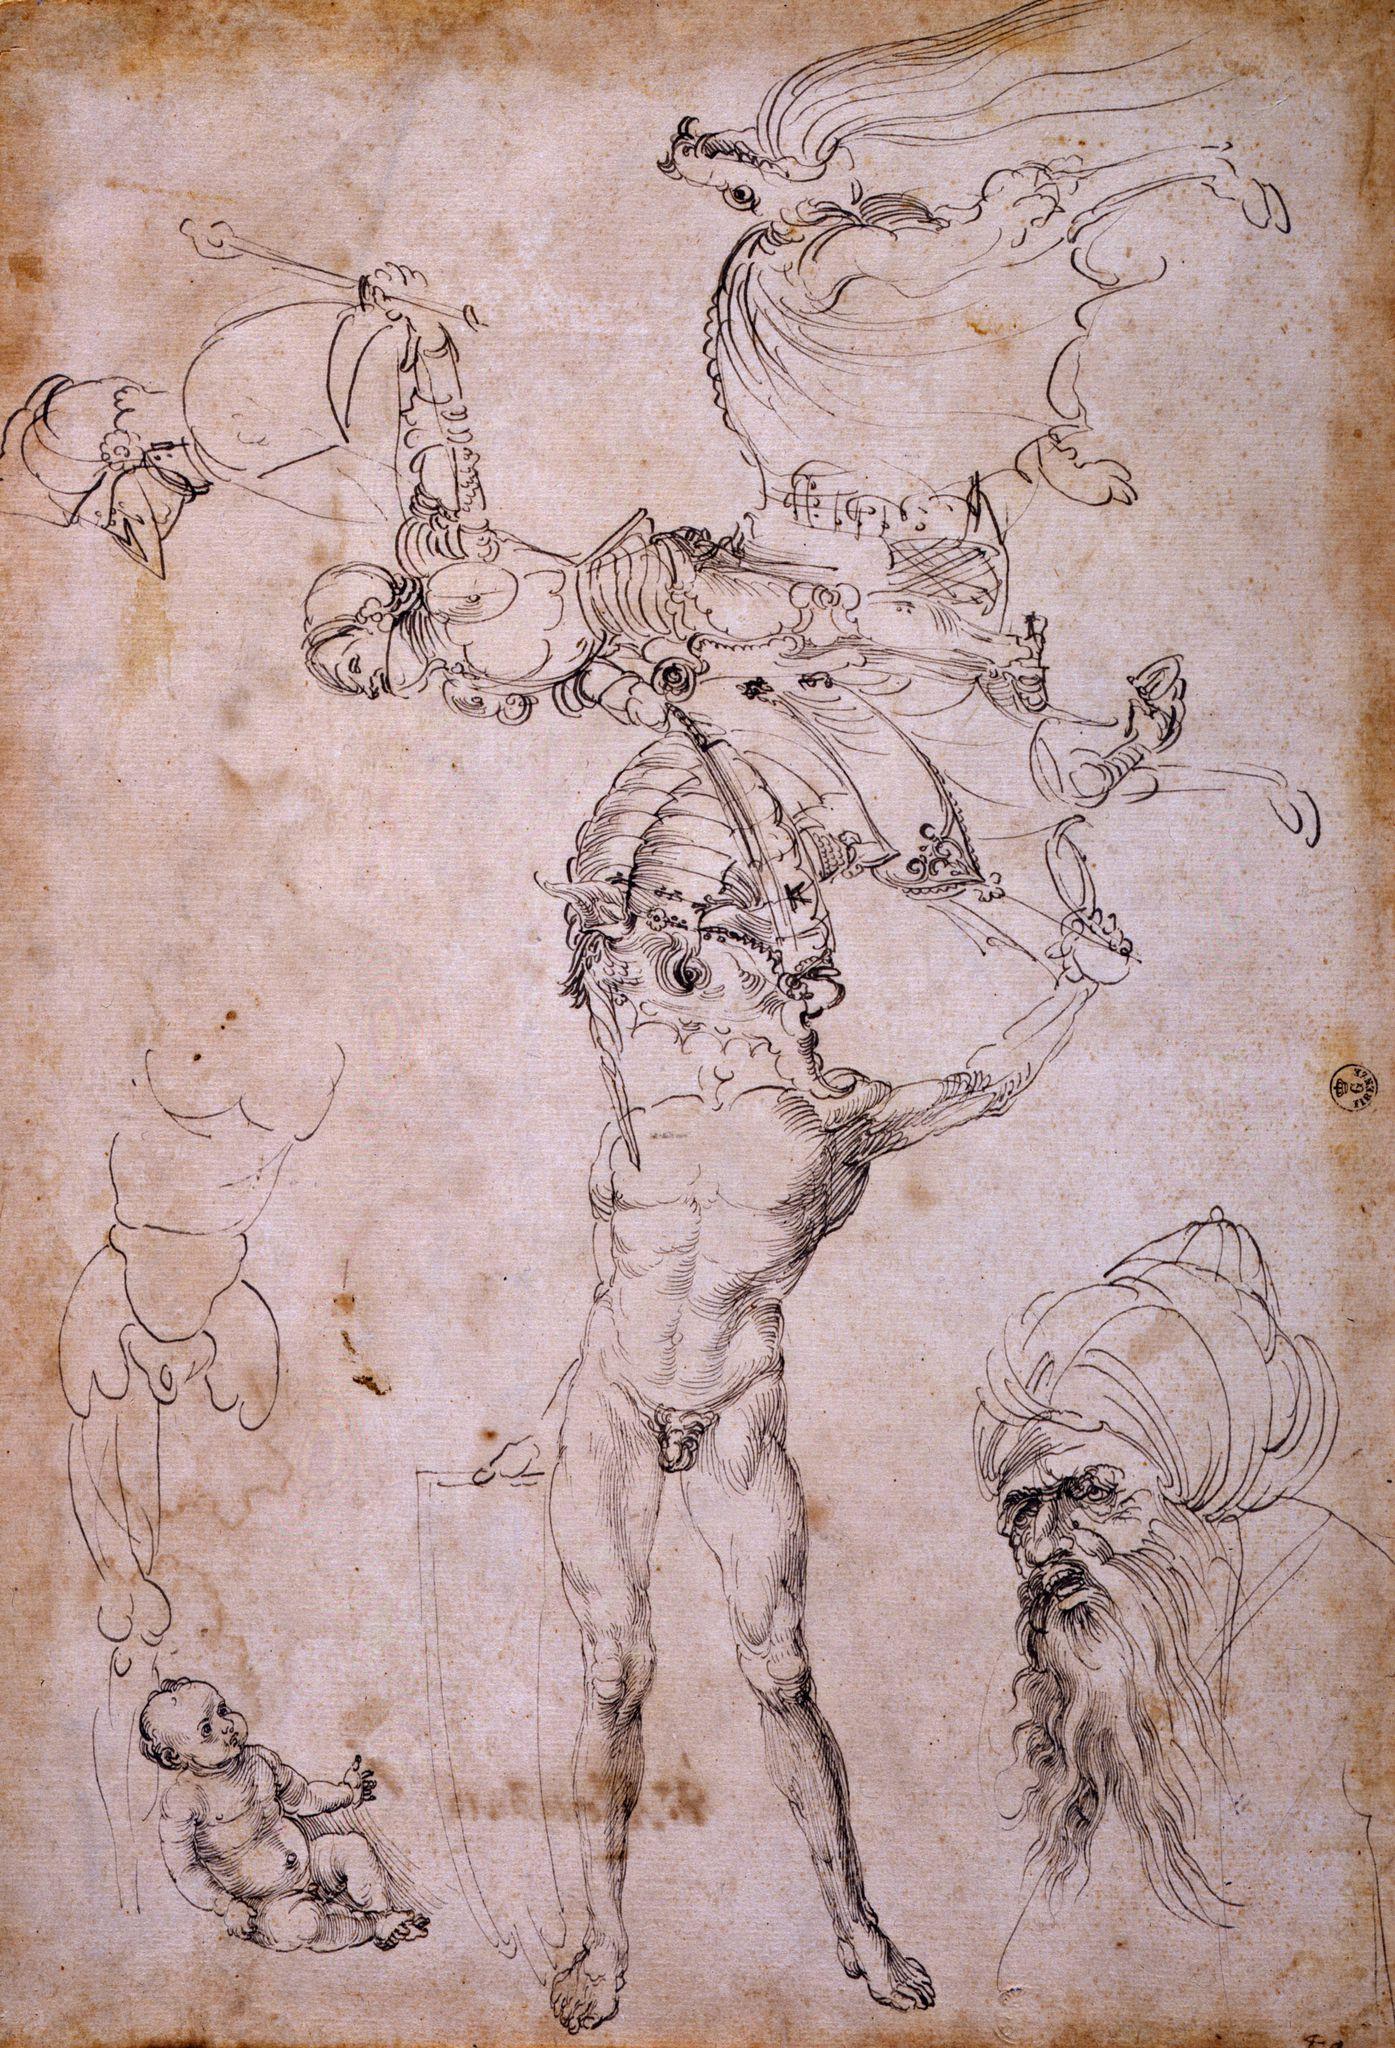 Albrecht Dürer, Foglio con studi vari (1495 circa; penna a inchiostro nero e grigio su carta, 370 x 255 mm; Firenze, Gallerie degli Uffizi, Gabinetto dei Disegni e delle Stampe, inv. 1049E)